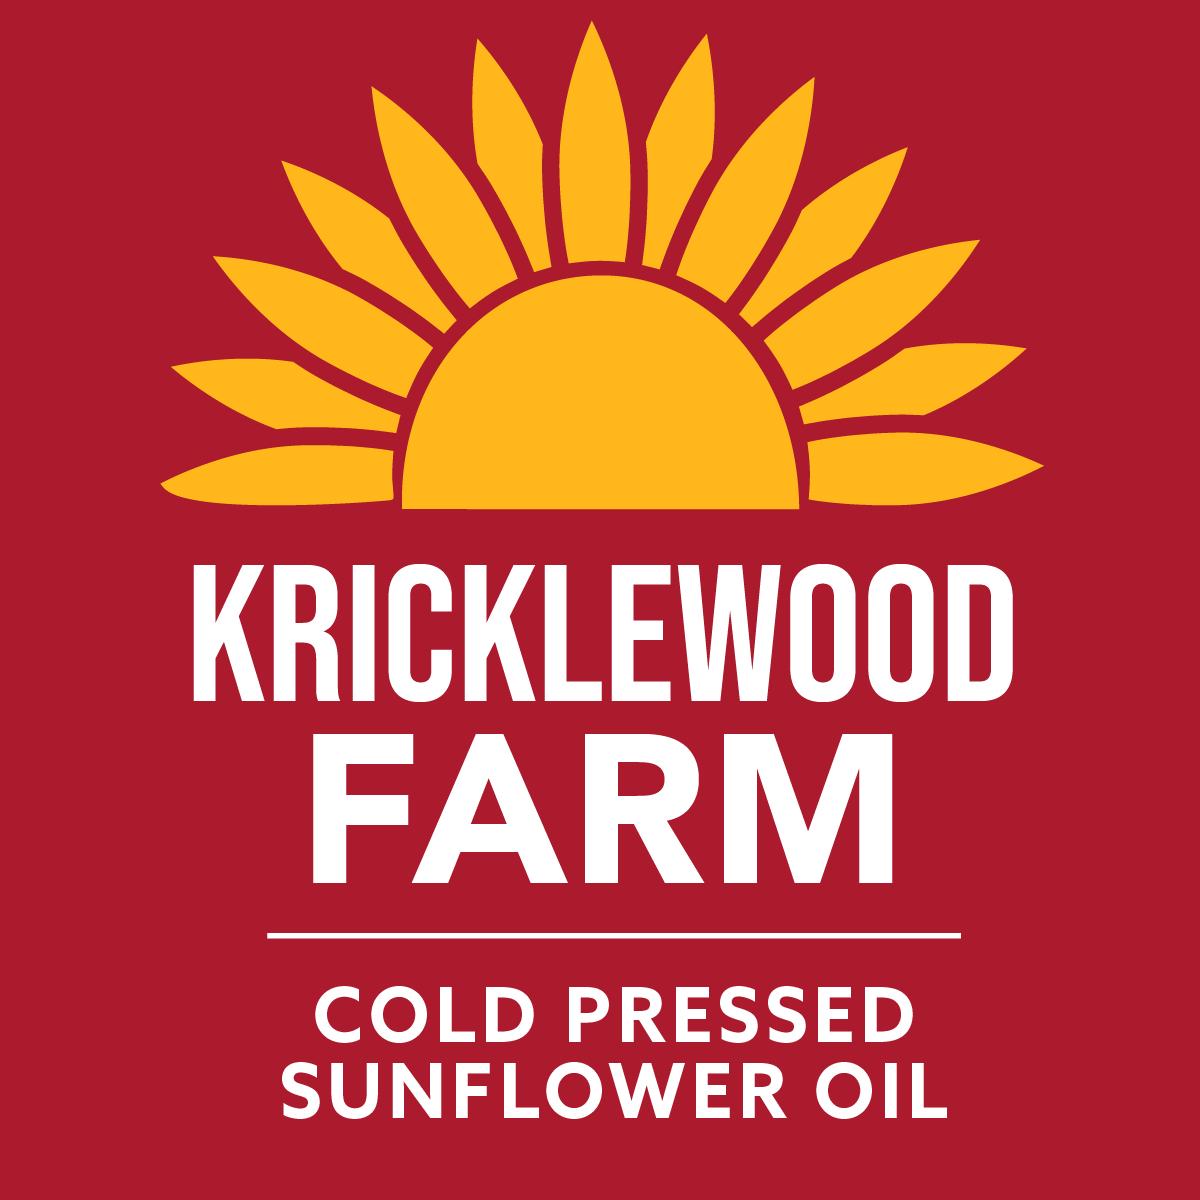 Kricklewood Farms